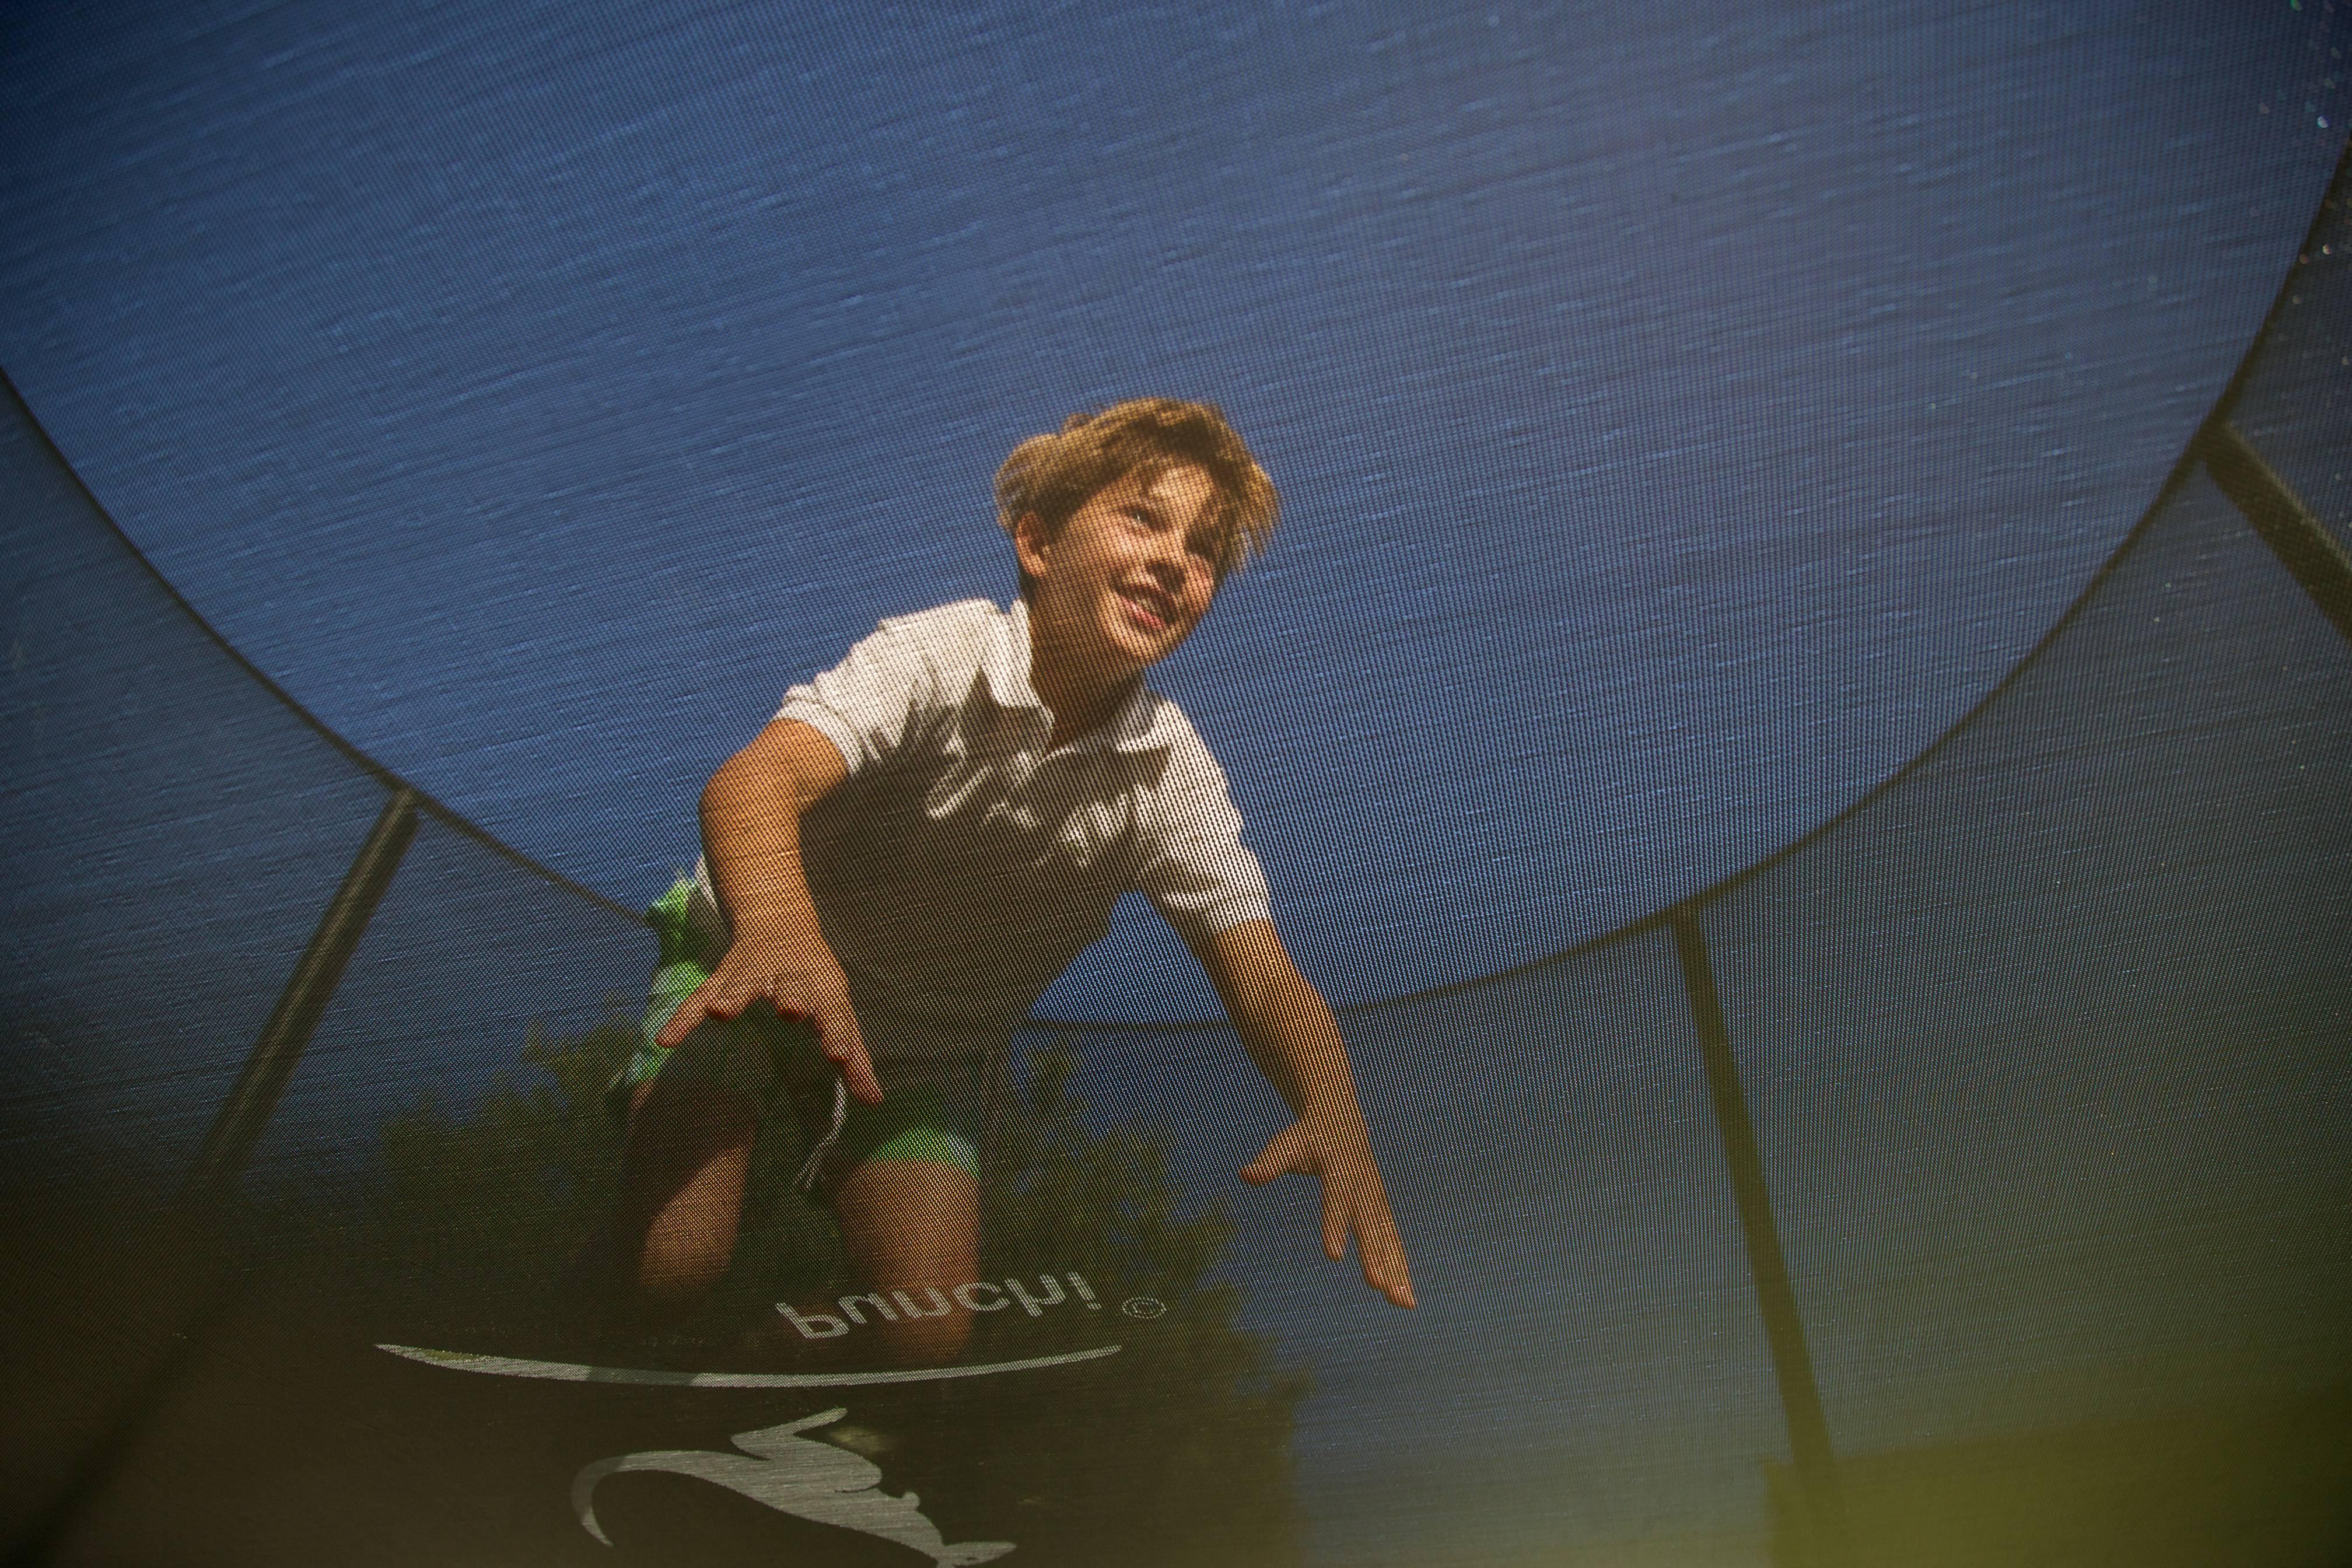 Enfant faisant du trampoline